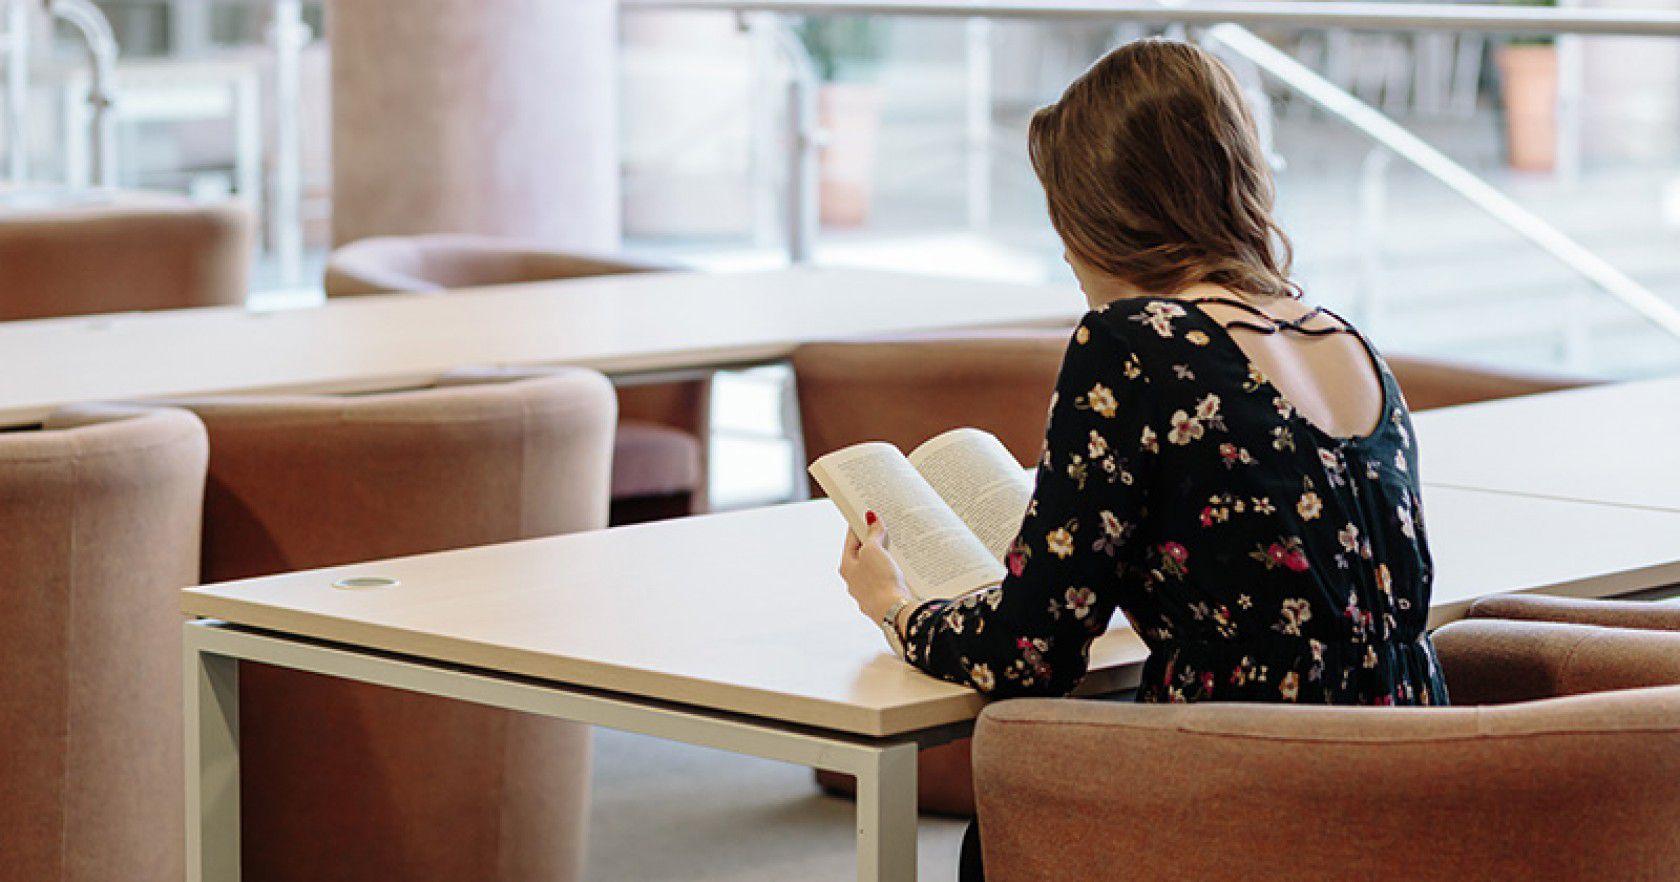 Amerika'da Kolej Eğitimi Almak İsteyen Öğrenciler için SSAT Sınavı Başvuru Rehberi